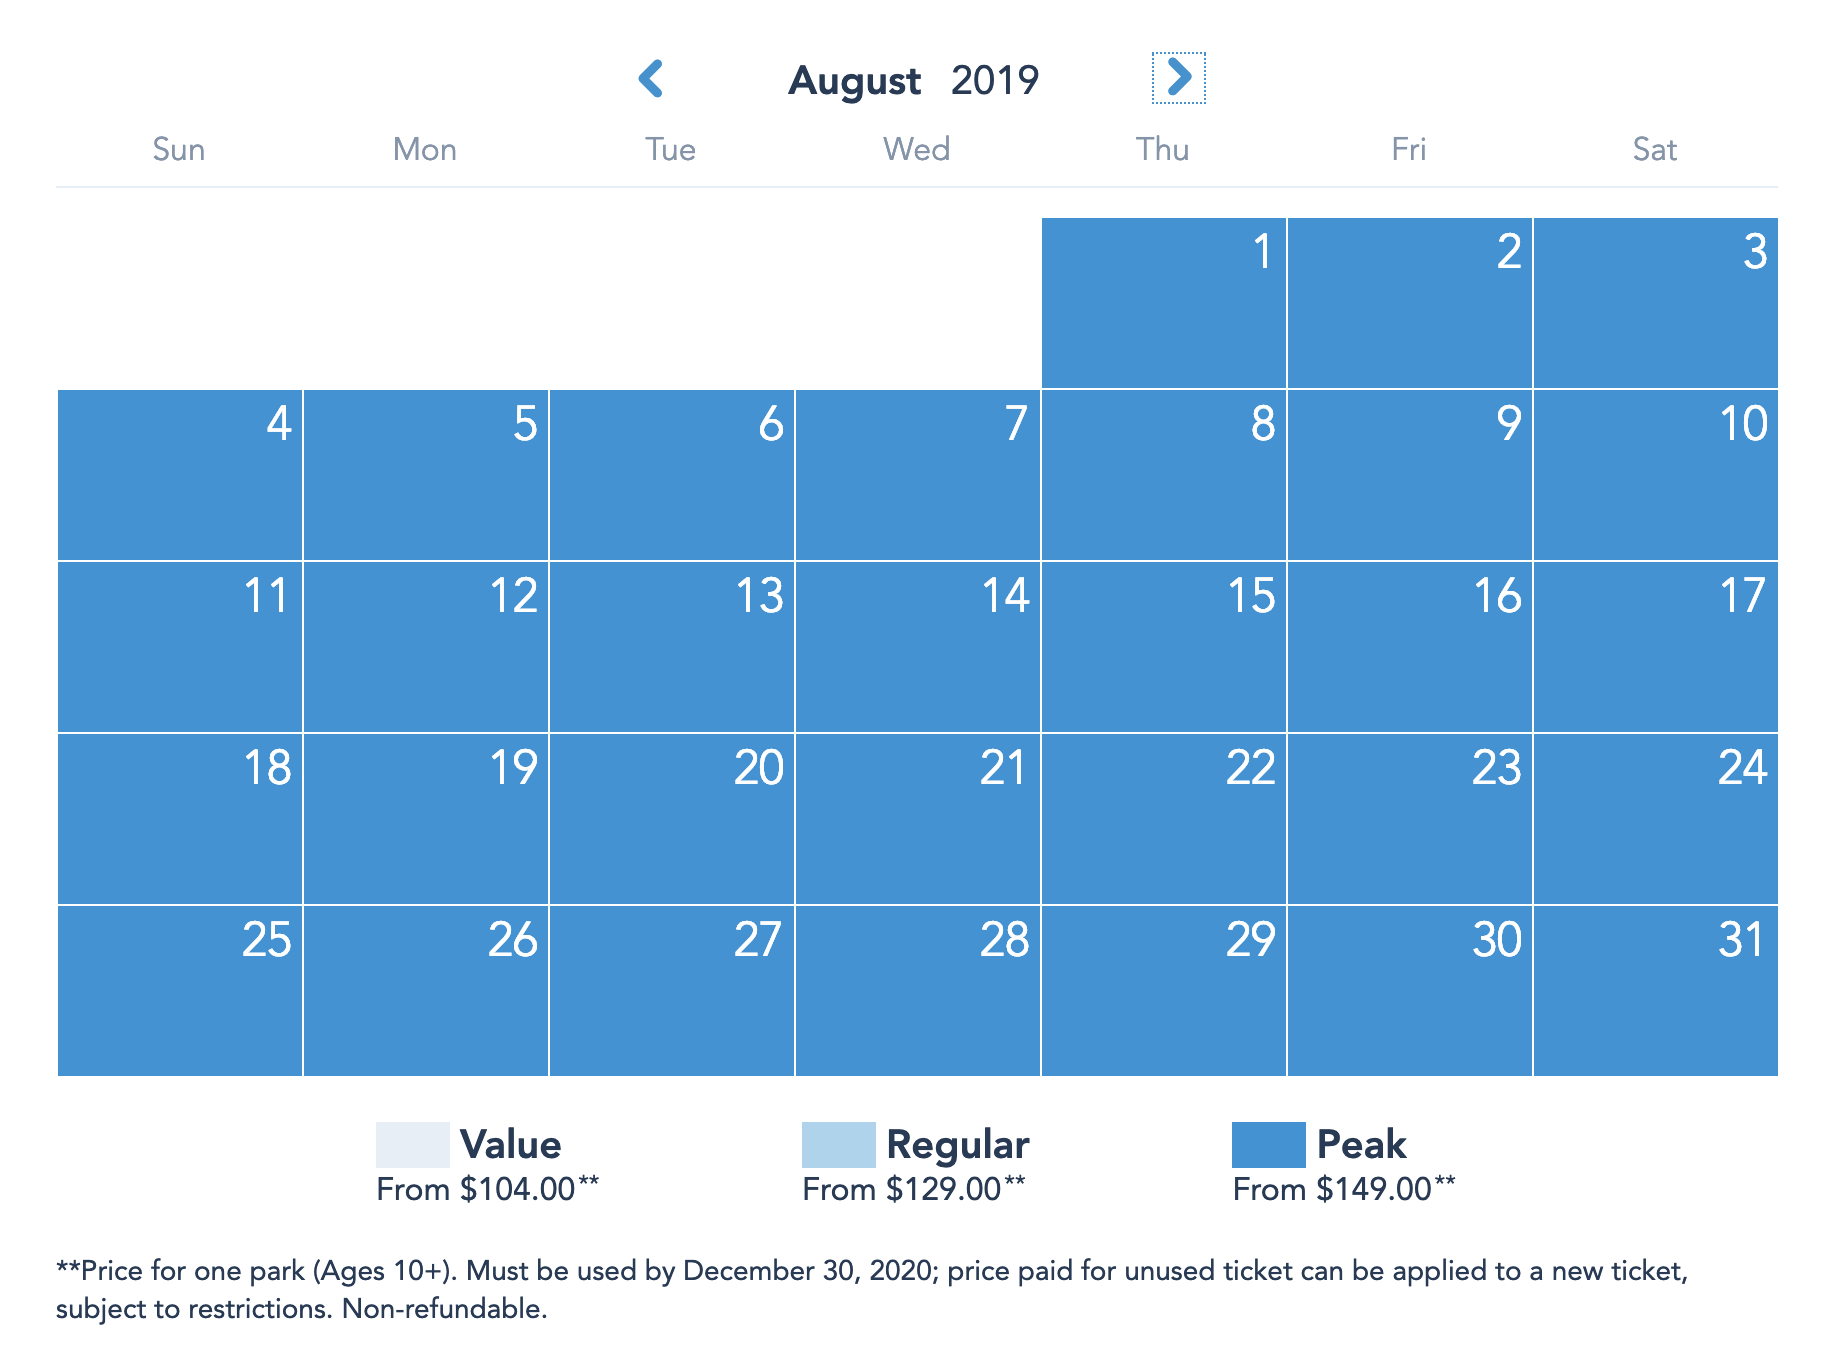 Disneyland Resort Prices - August